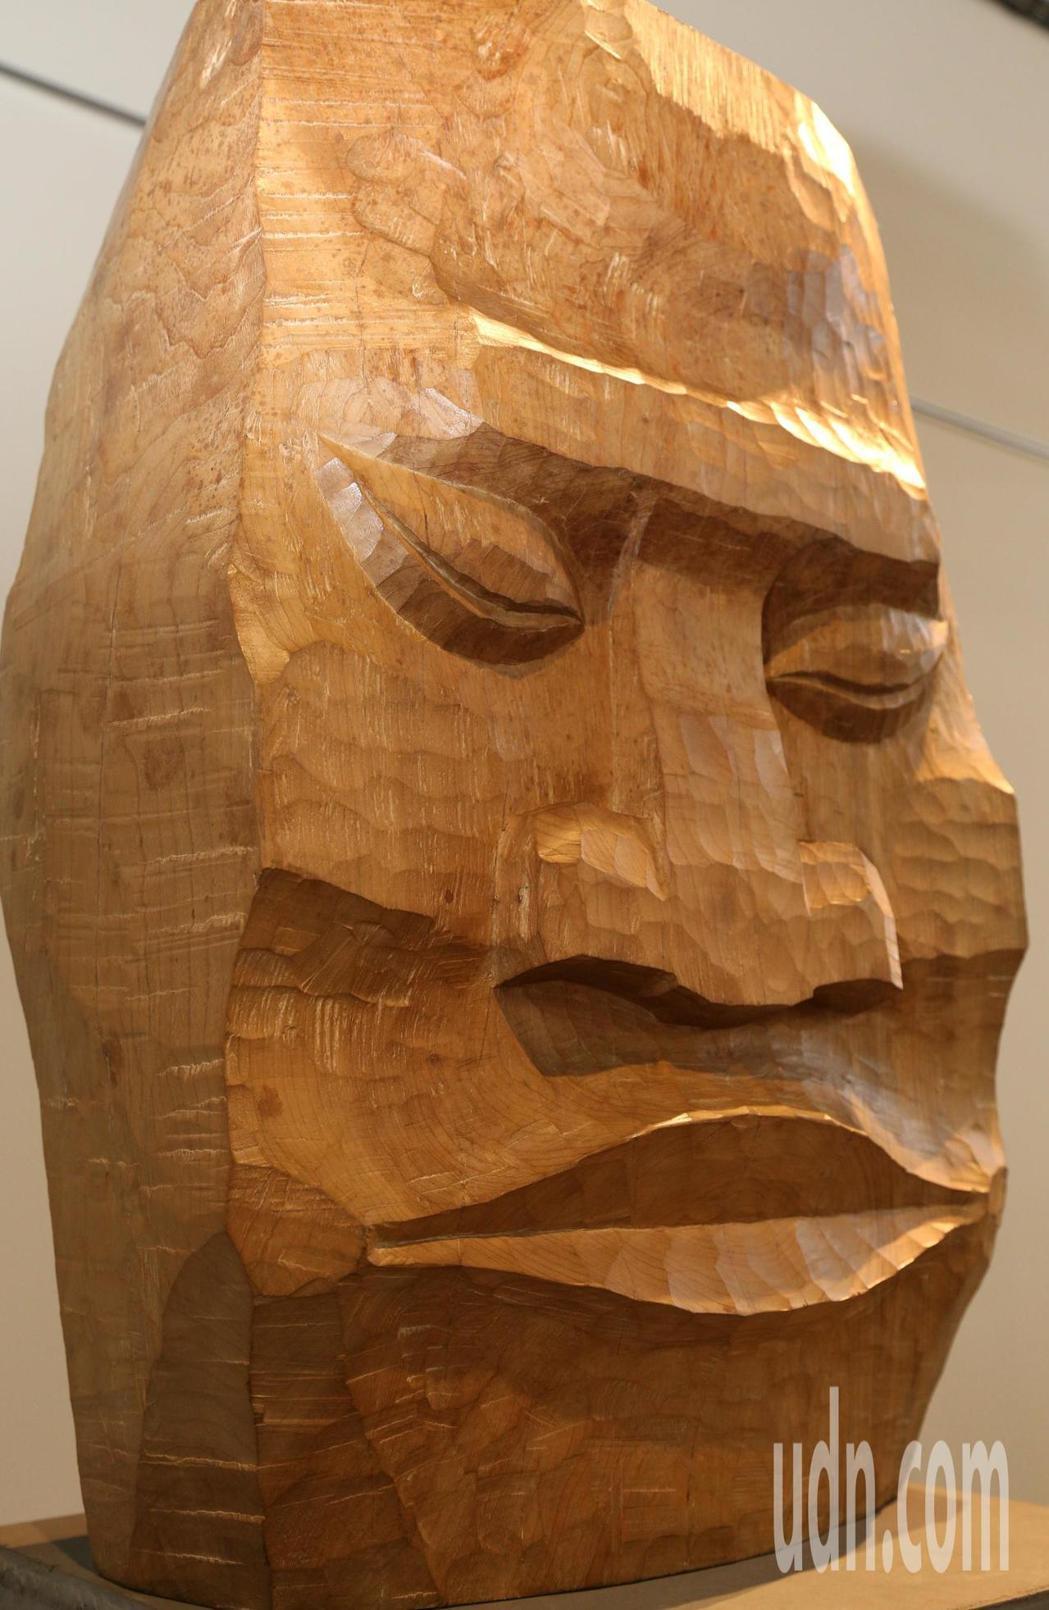 藝術家賴永興「自刻.平實亦華貴木雕展」,作品呈現強烈風格。記者卜敏正/攝影